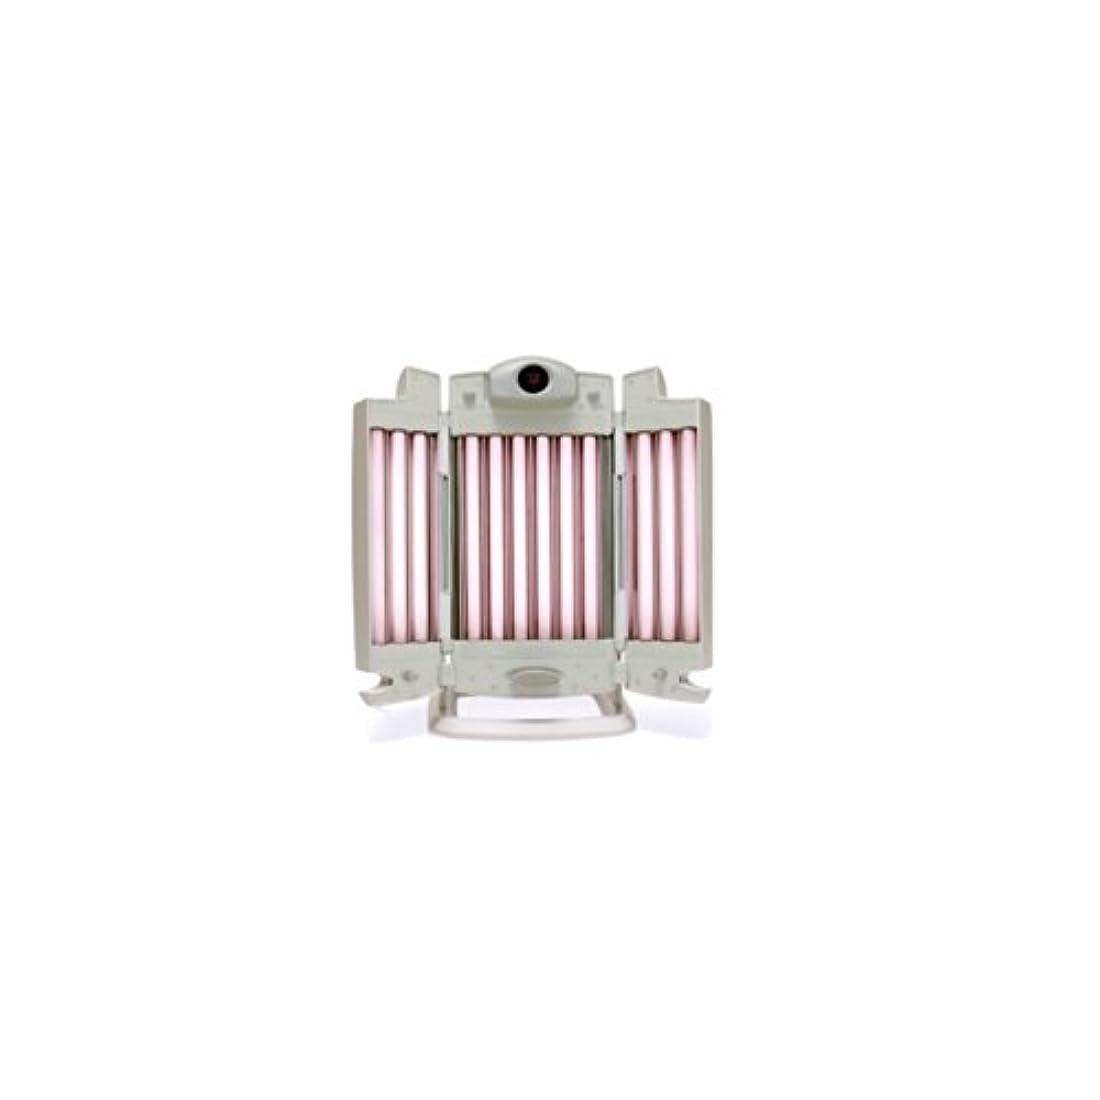 ほうきやりがいのある弱いBaby's Colla Beauty Light Type FACIAL(ベビーズコラ ビューティーライト フェイシャルタイプ)